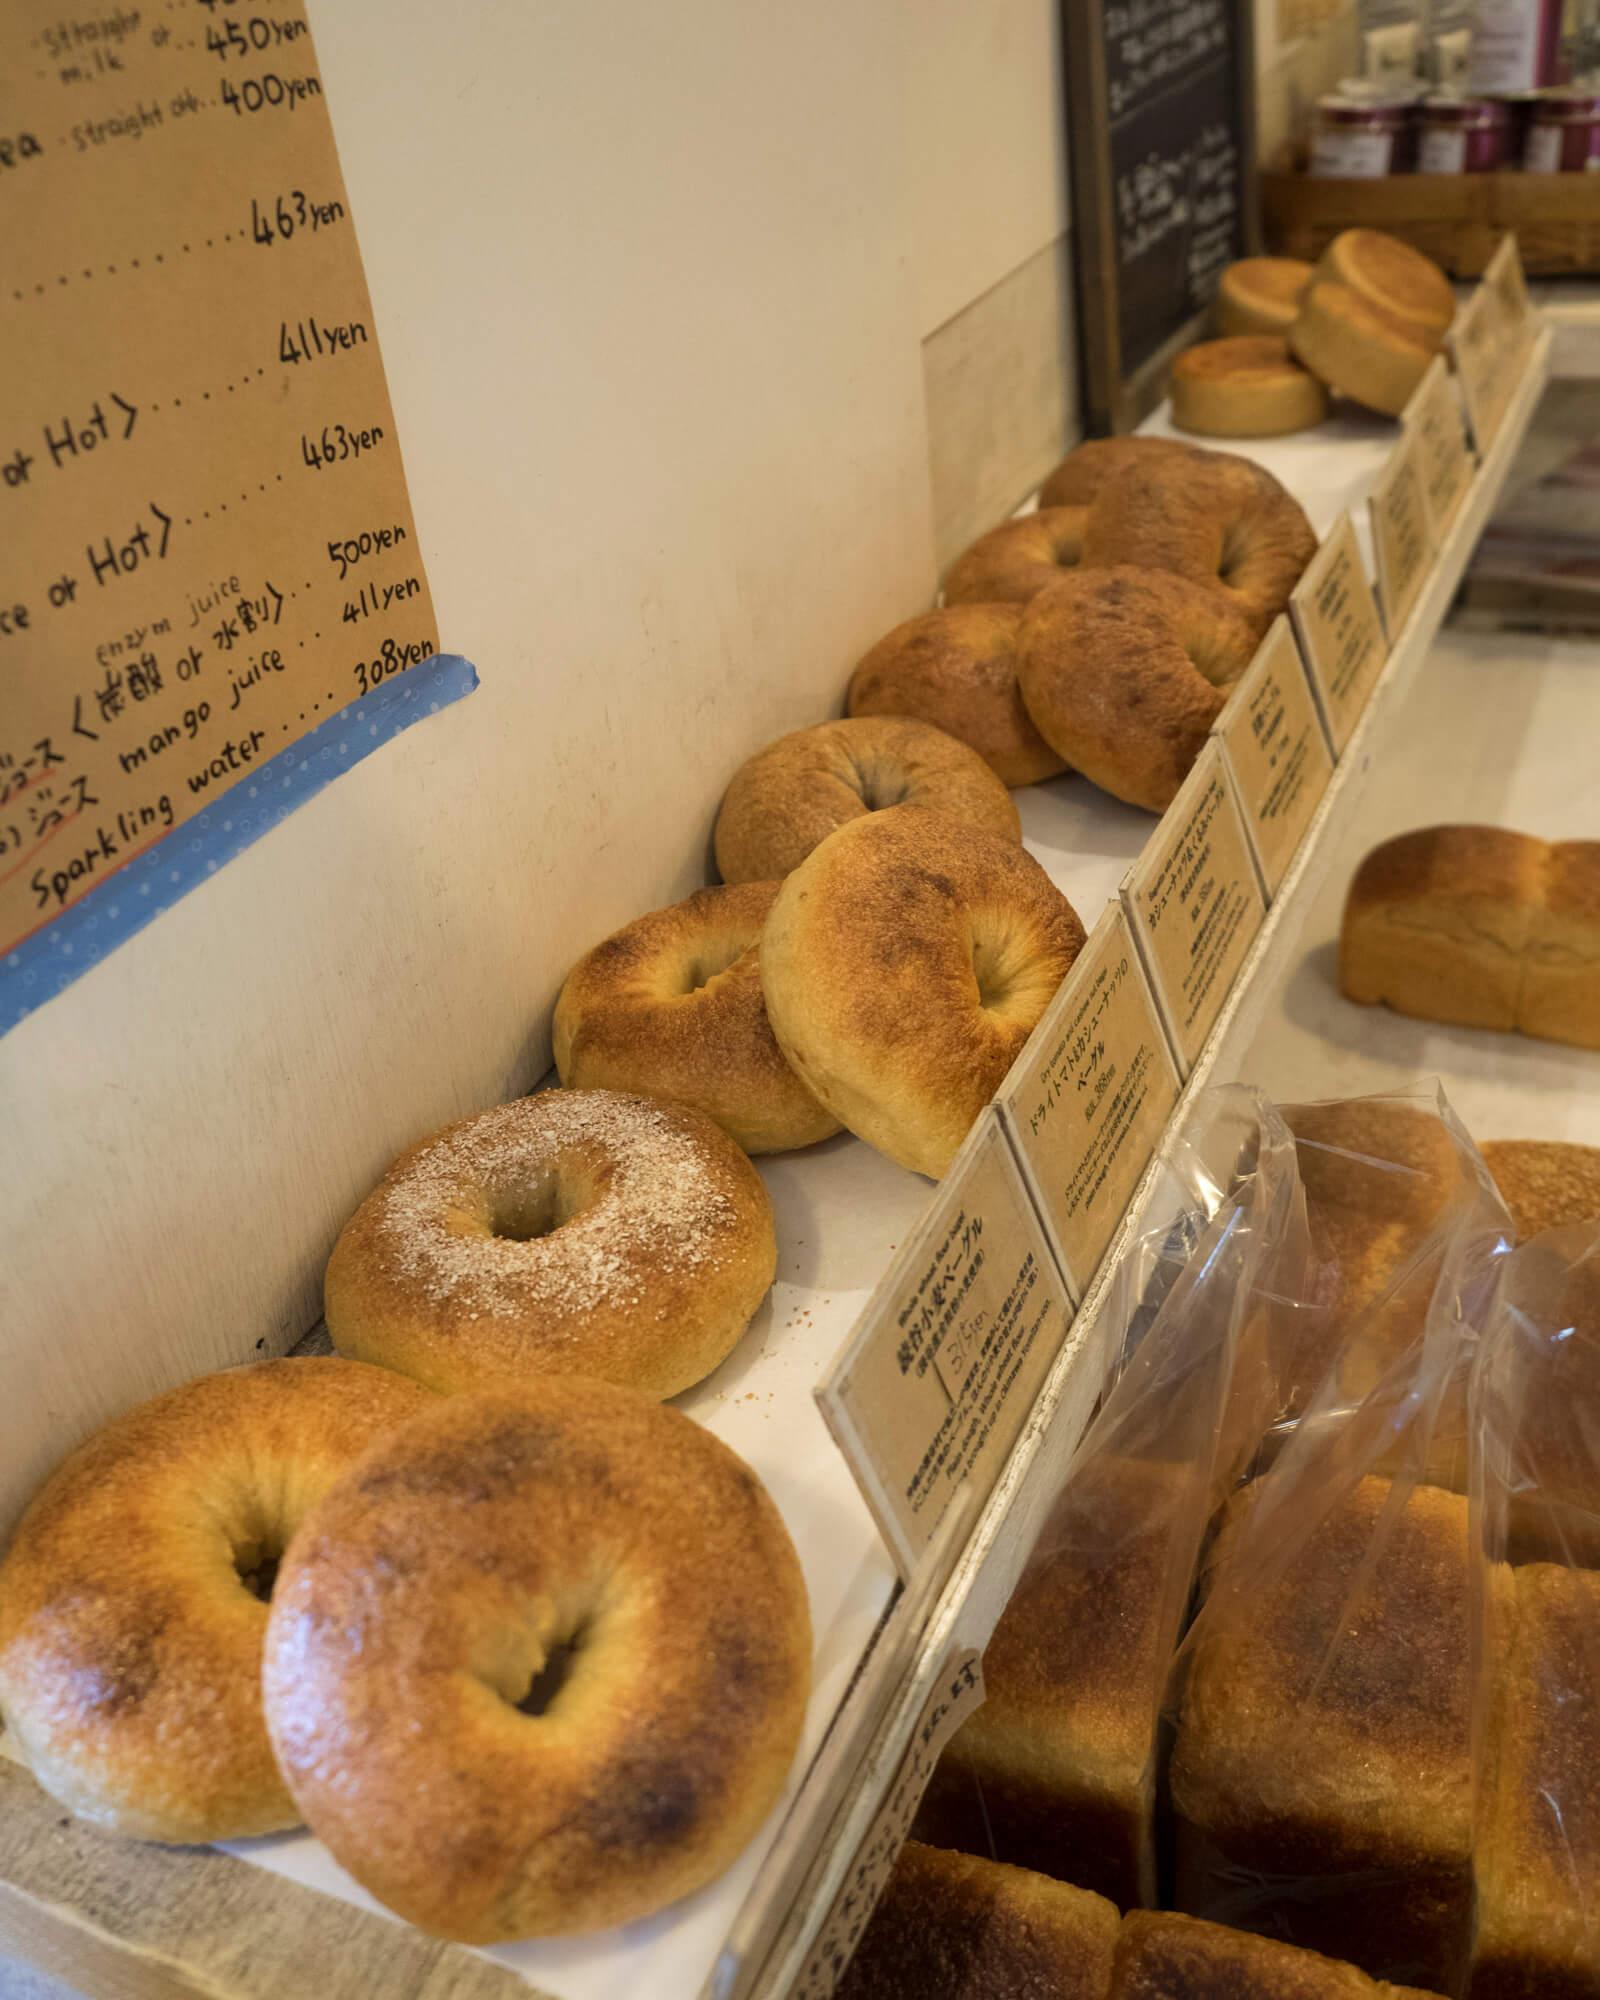 ハード系のパンが多い